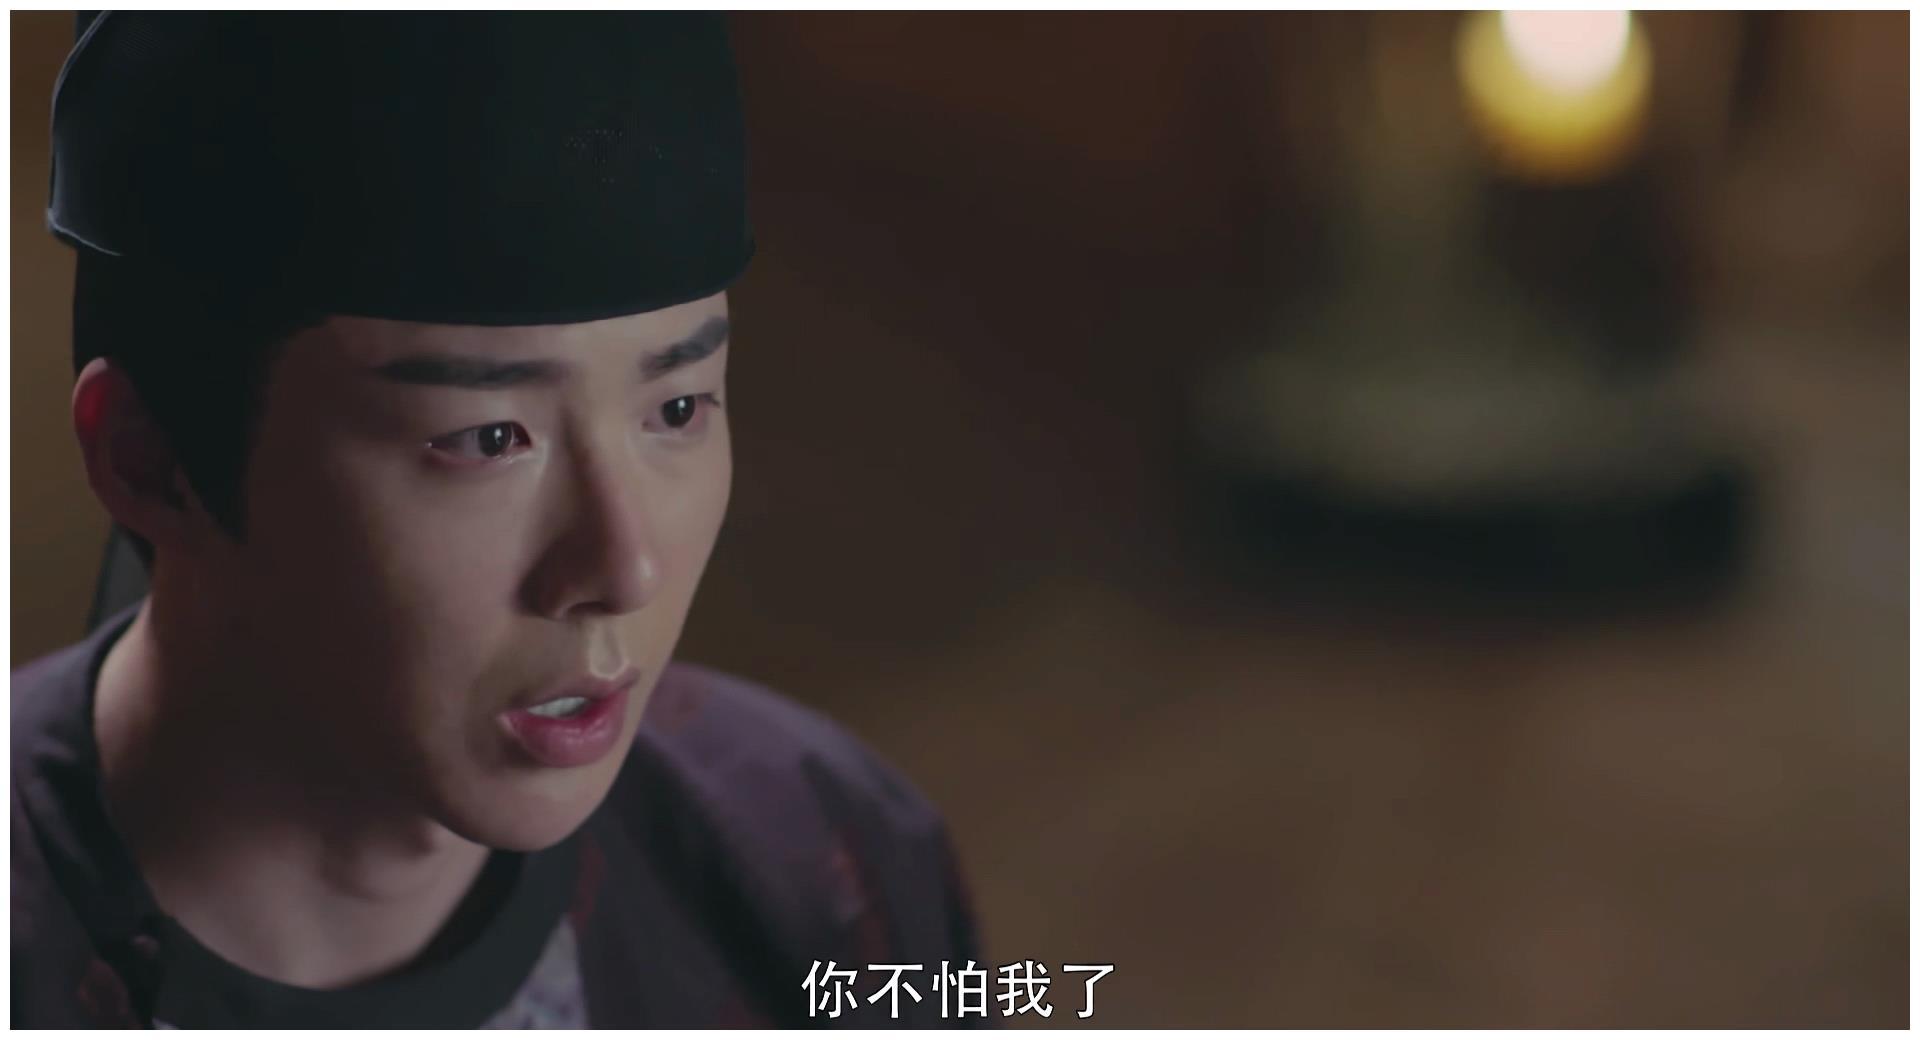 长歌行:乐嫣不再怕皓都,亲手送护身符于他,感情线正式开启